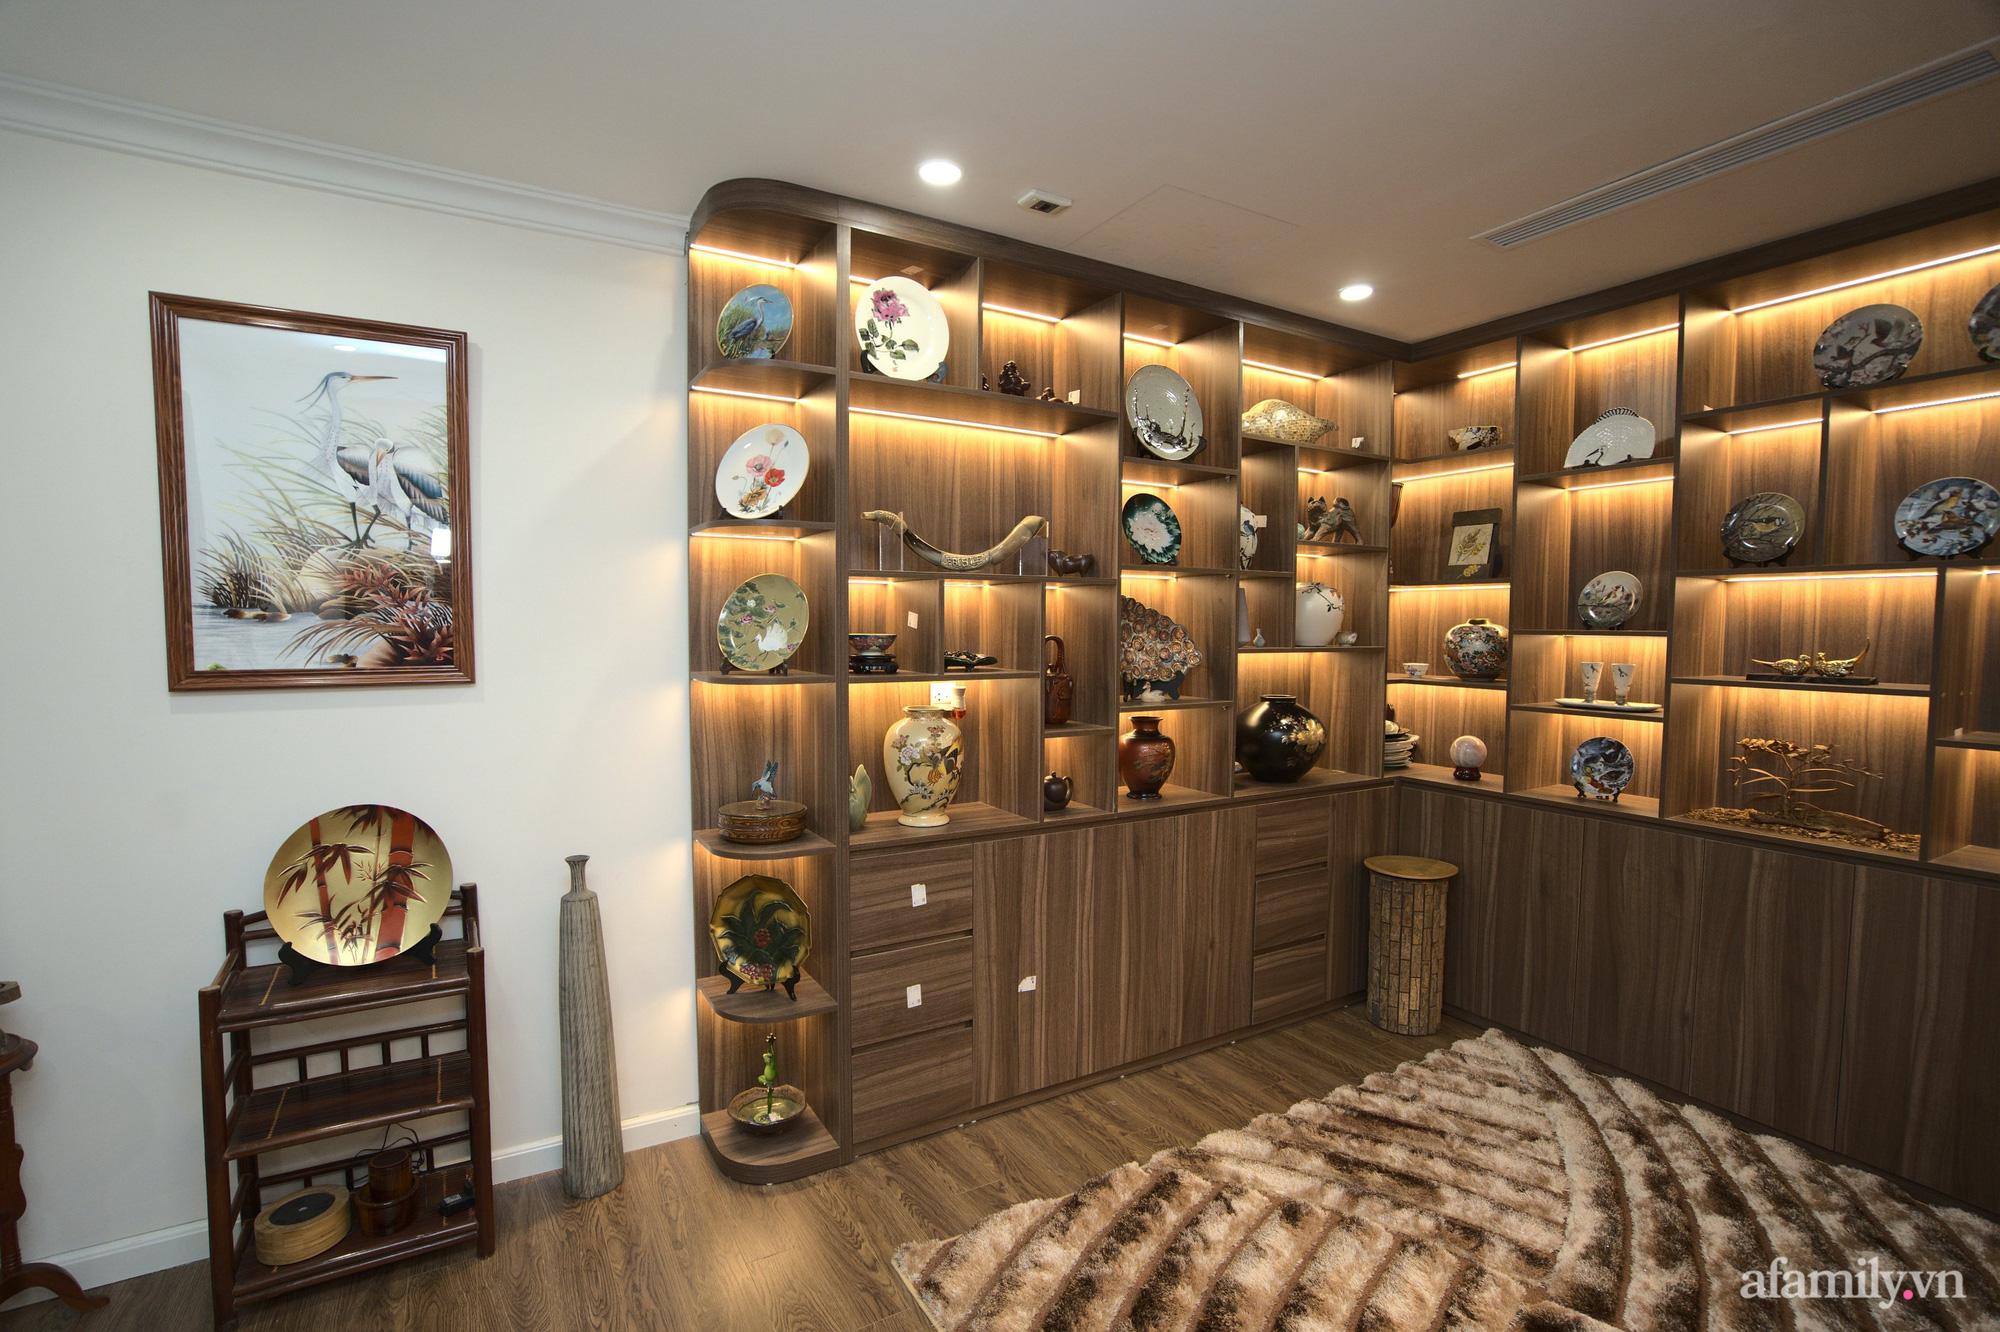 Căn hộ 107m2 đẹp sang trọng với nội thất màu gỗ óc chó có chi phí hoàn thiện 150 triệu đồng ở Hà Nội - Ảnh 10.